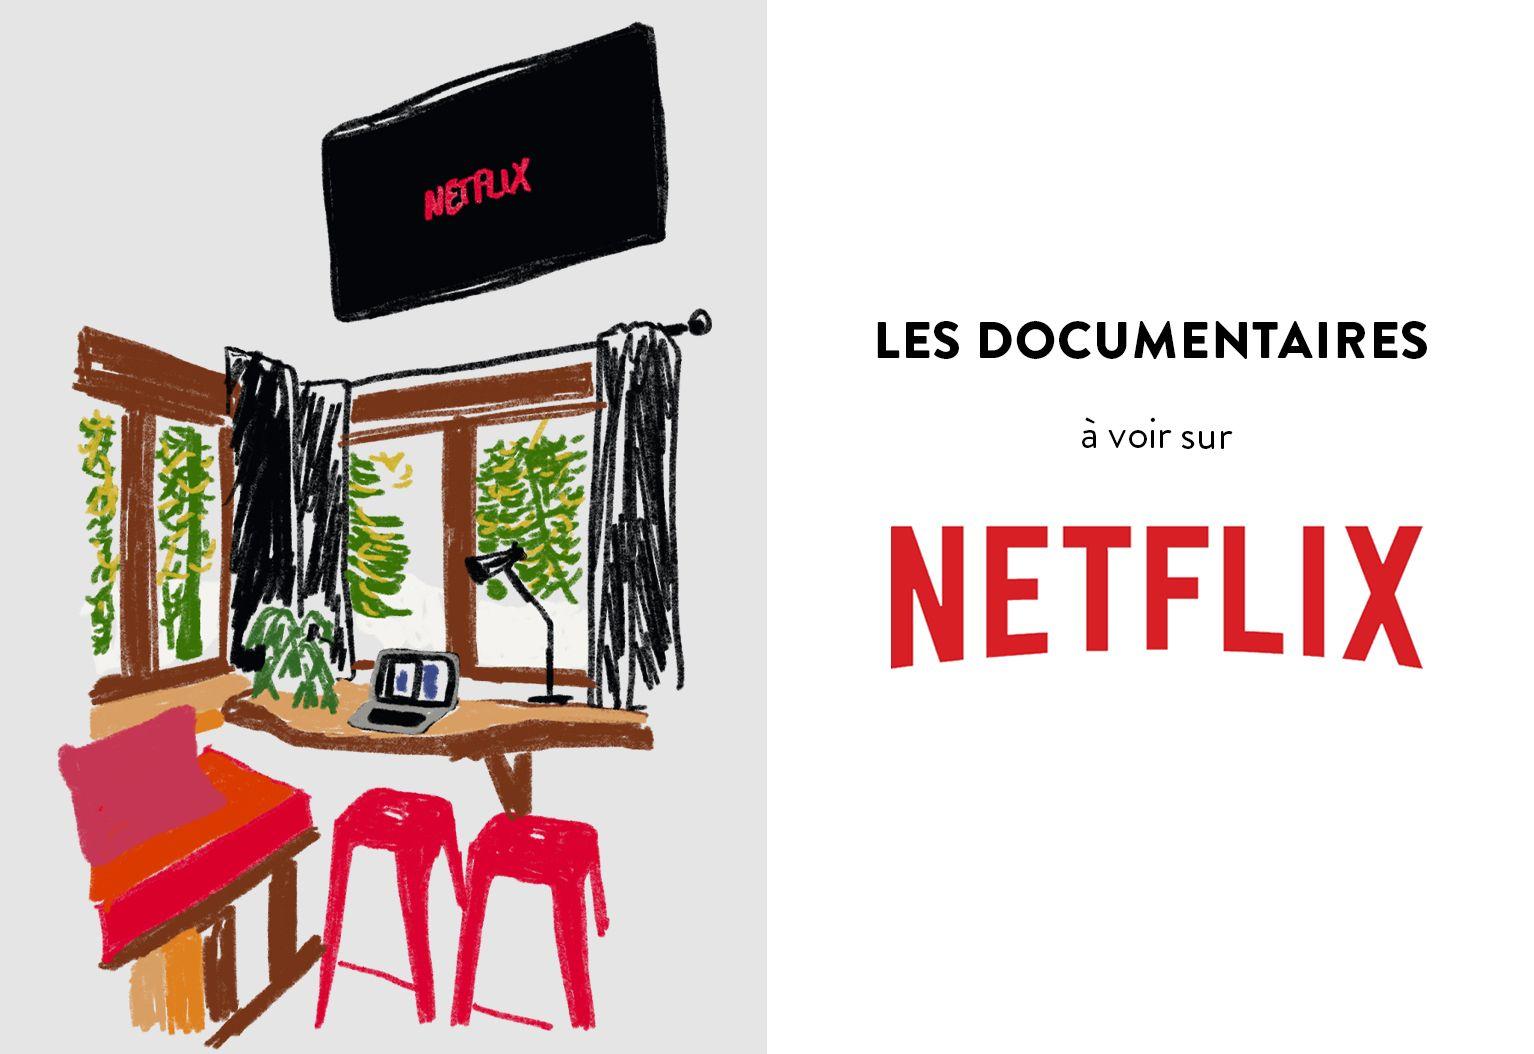 header netflix documentaires